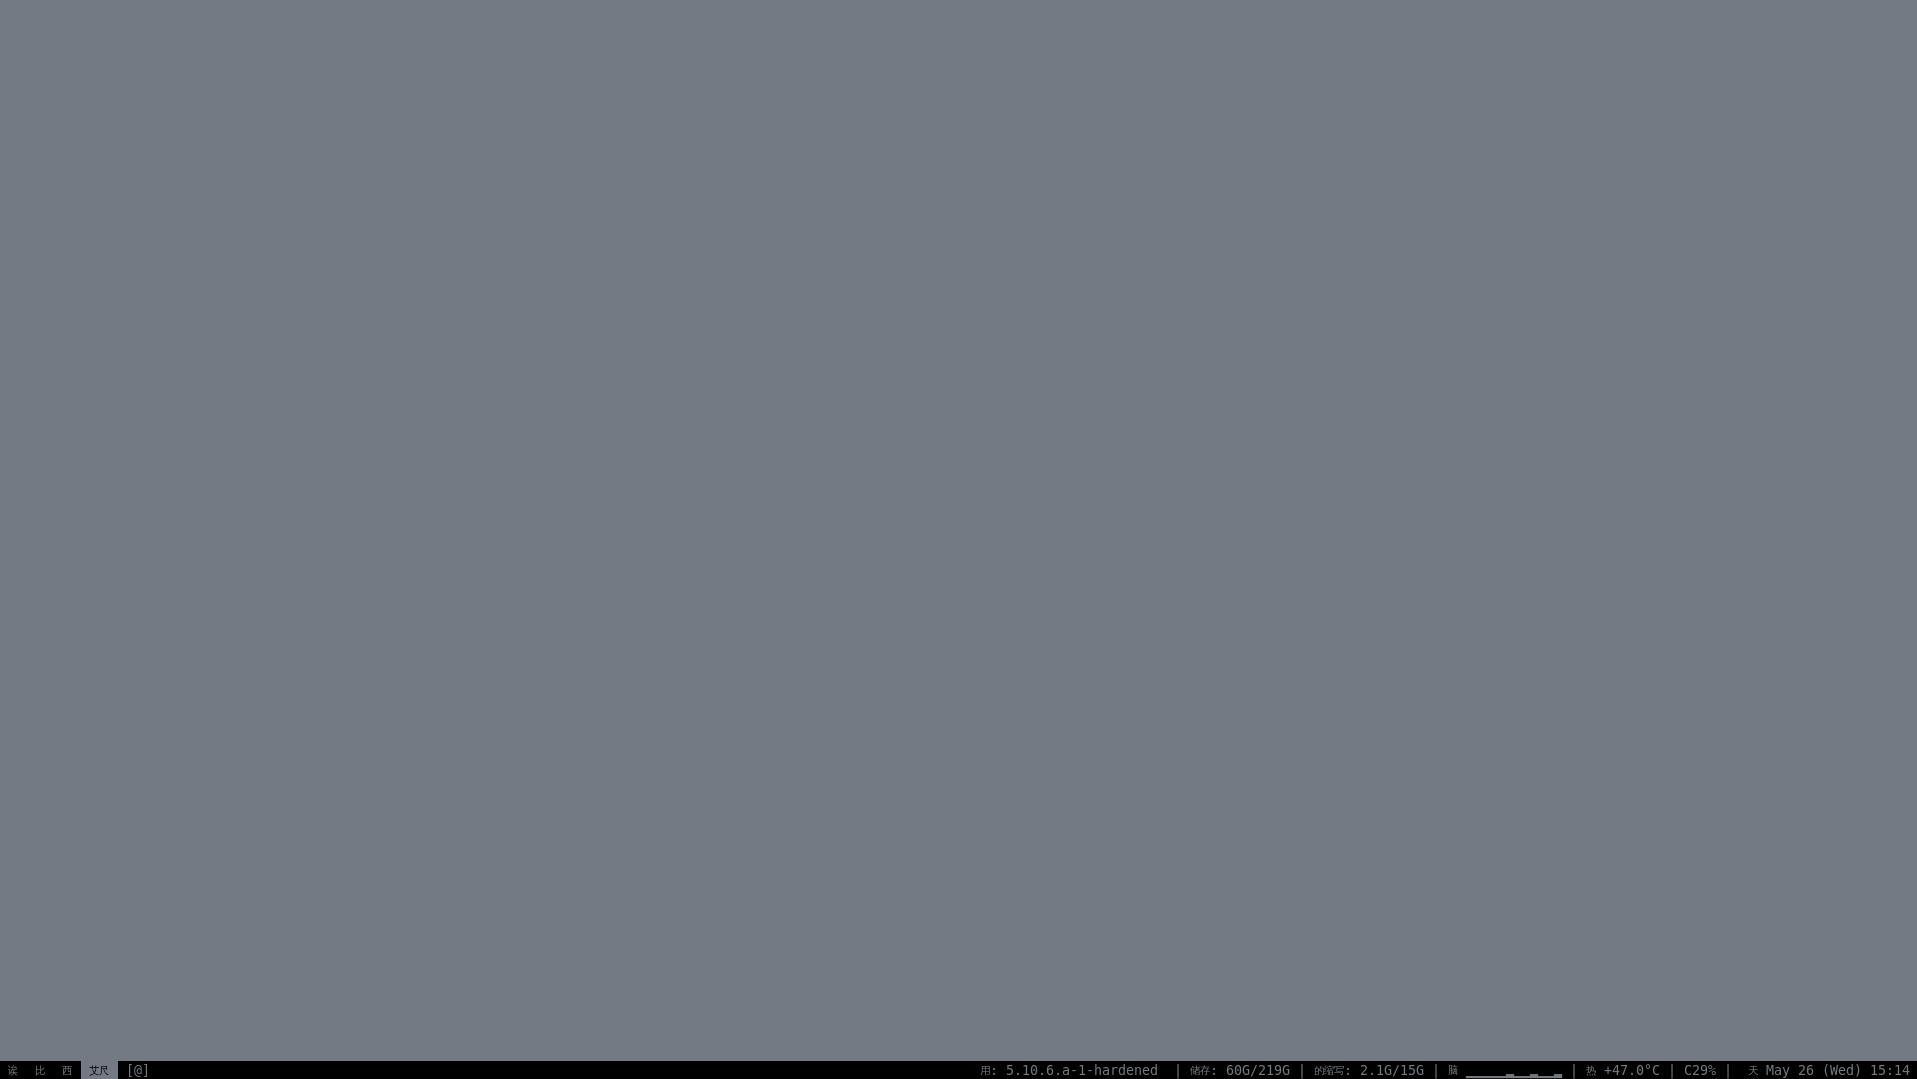 blankdesktop.png